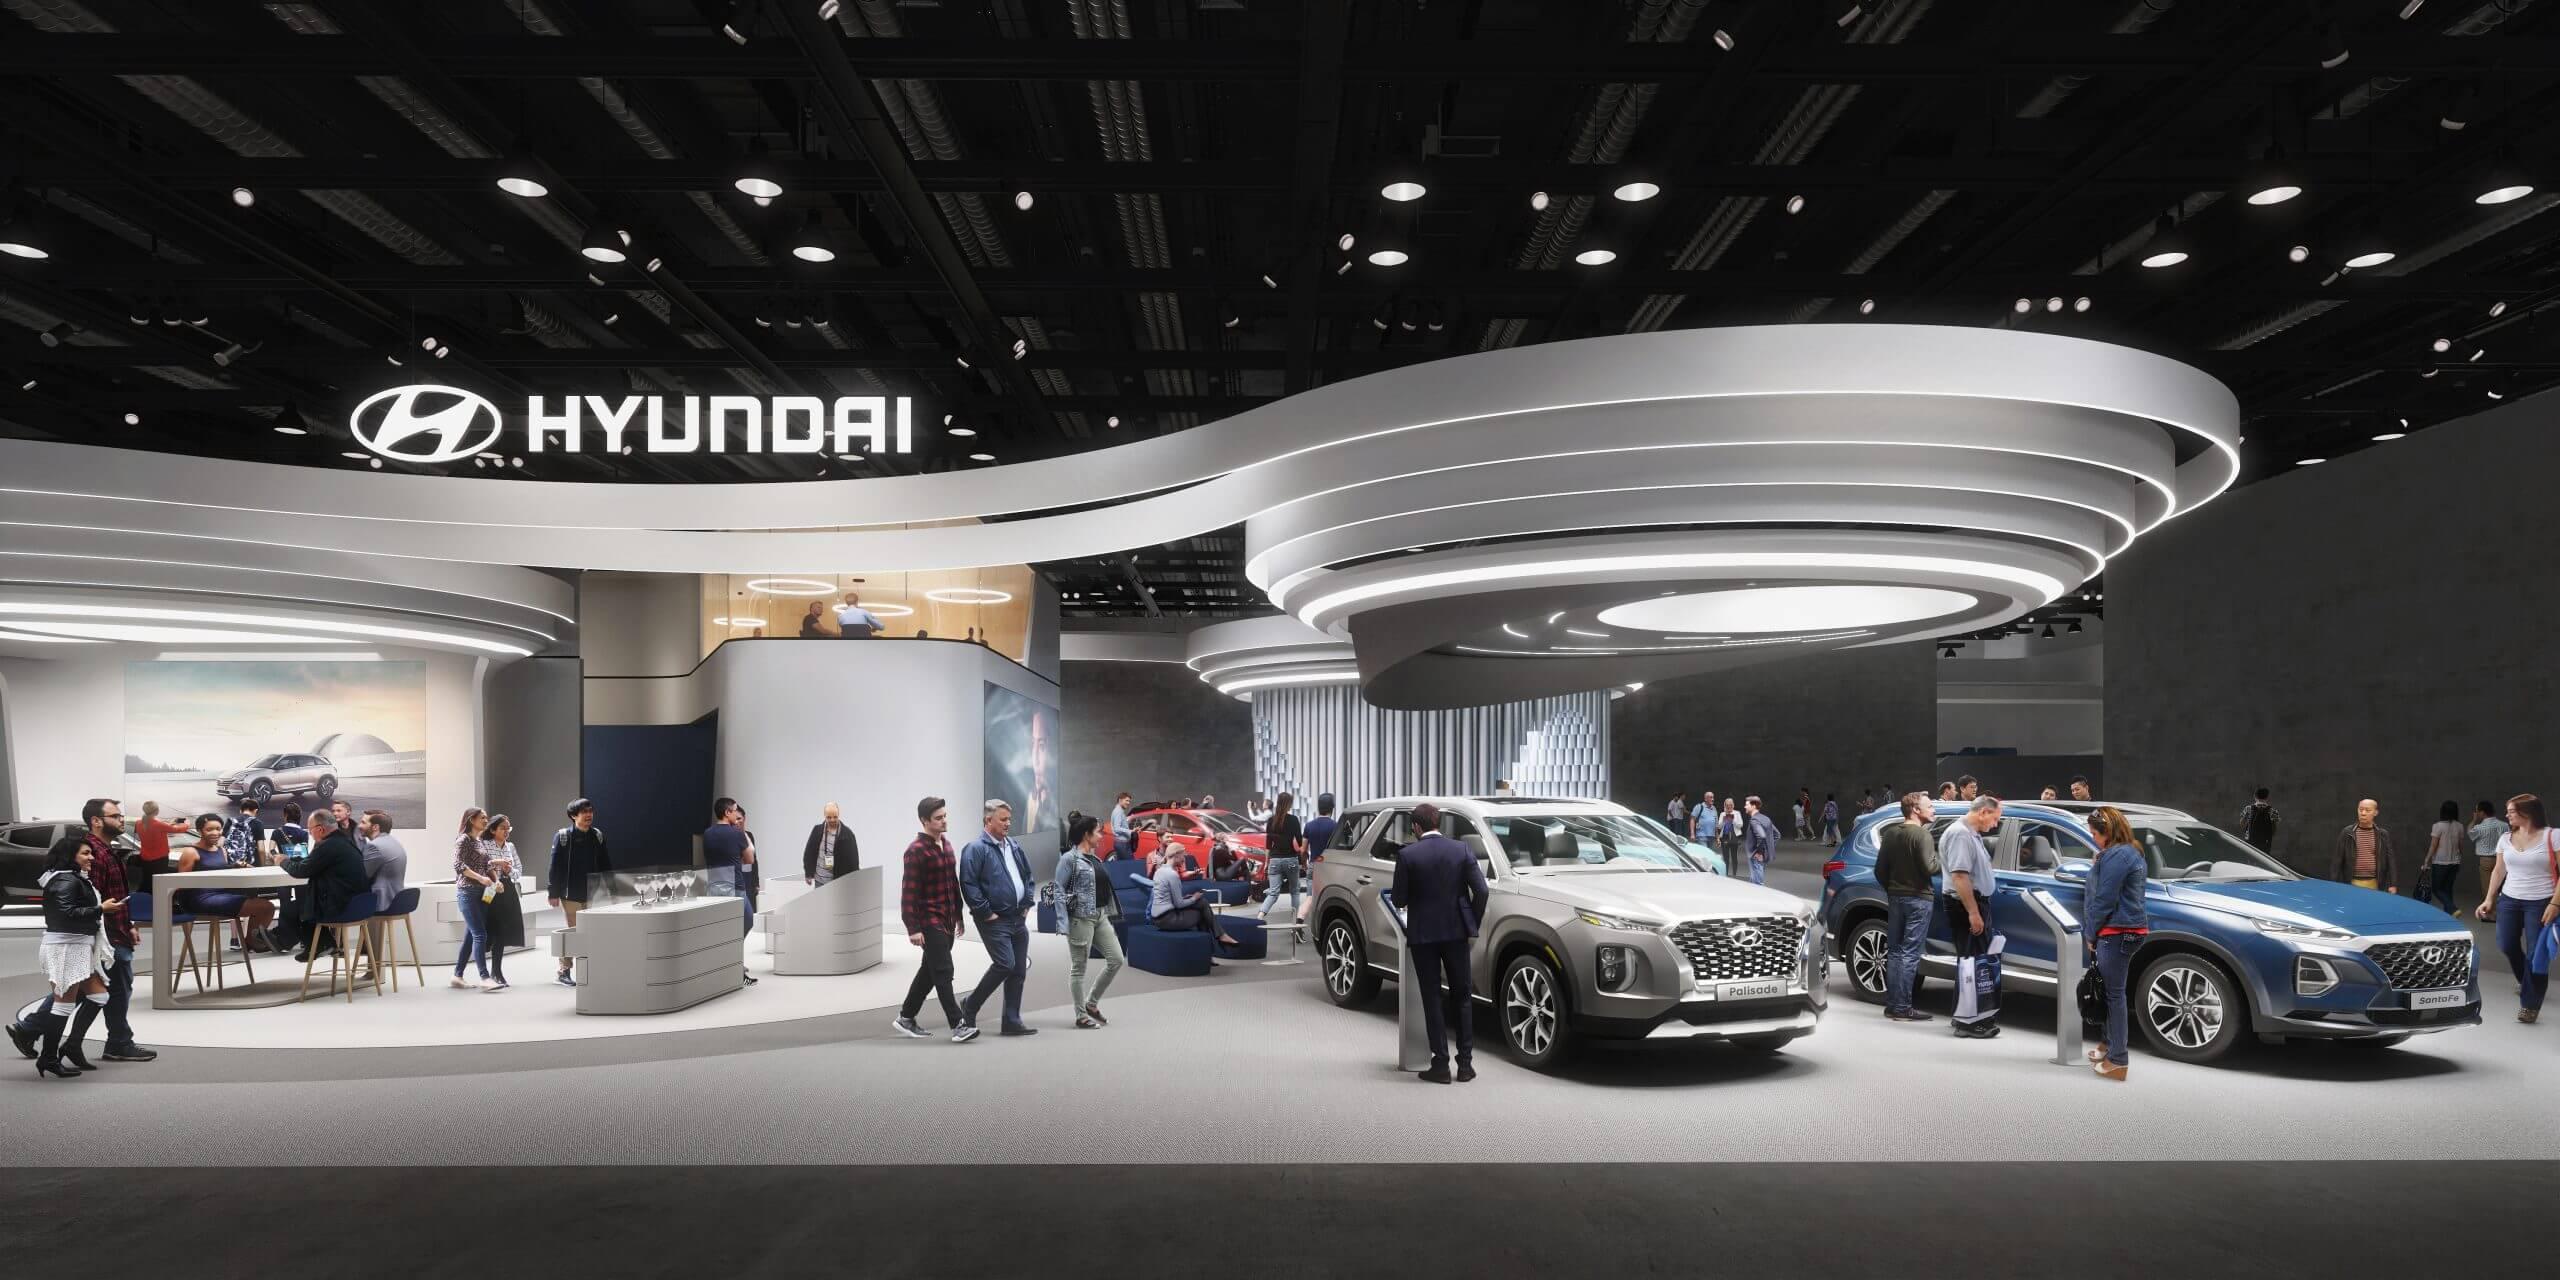 Hyundai_EXHIB_Brandlab_Glimpse